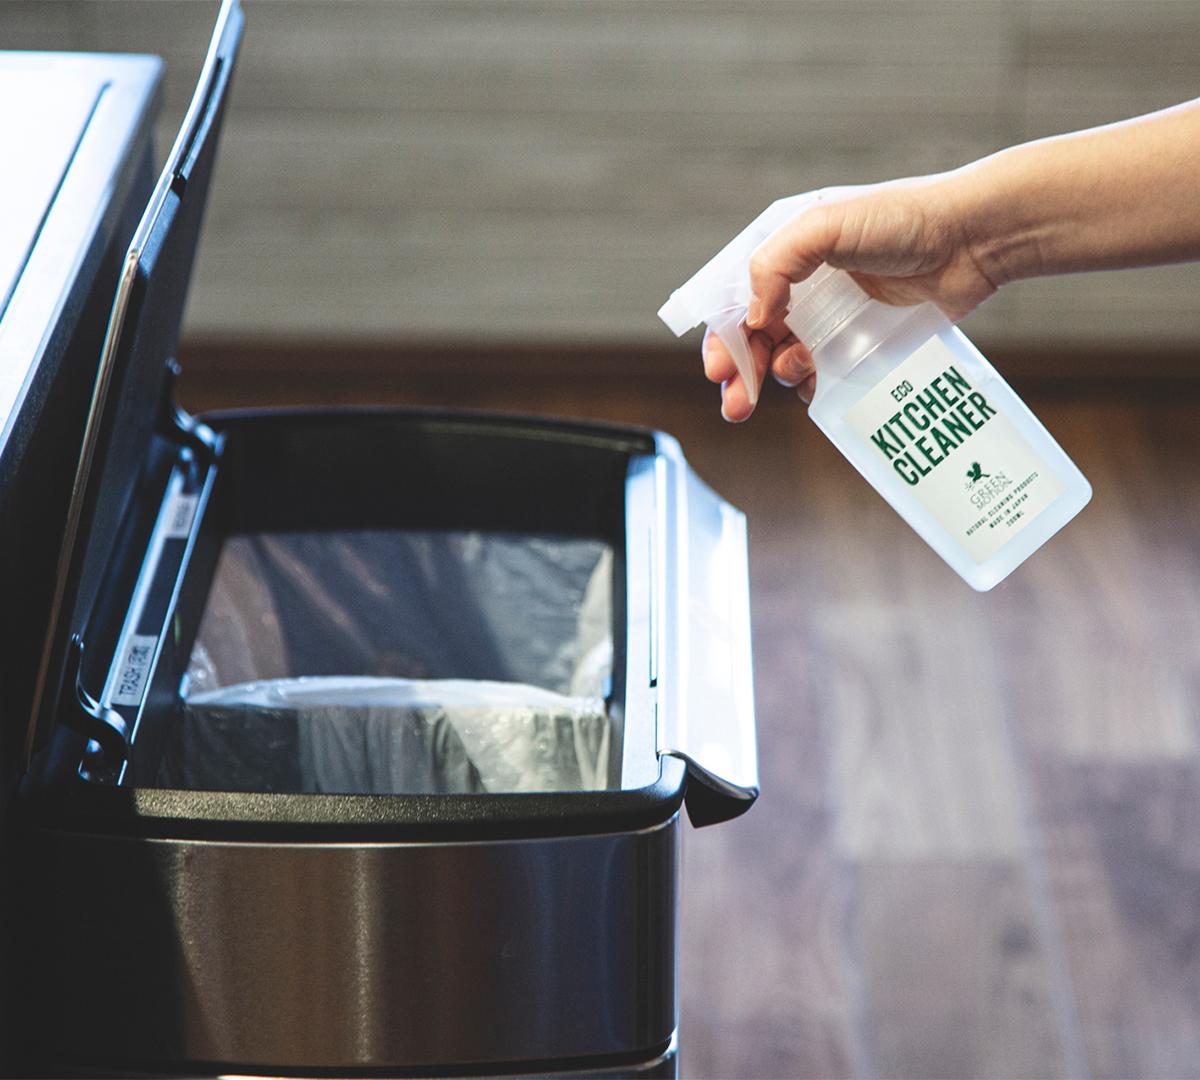 ゴミ箱や三角コーナーに直接スプレーすれば、ニオイや雑菌対策としても重宝します。洗剤なのに、スプレーして拭くだけ!ヒバ精油配合で除菌・消臭もできる「エコキッチンクリーナー」|GREEN MOTION